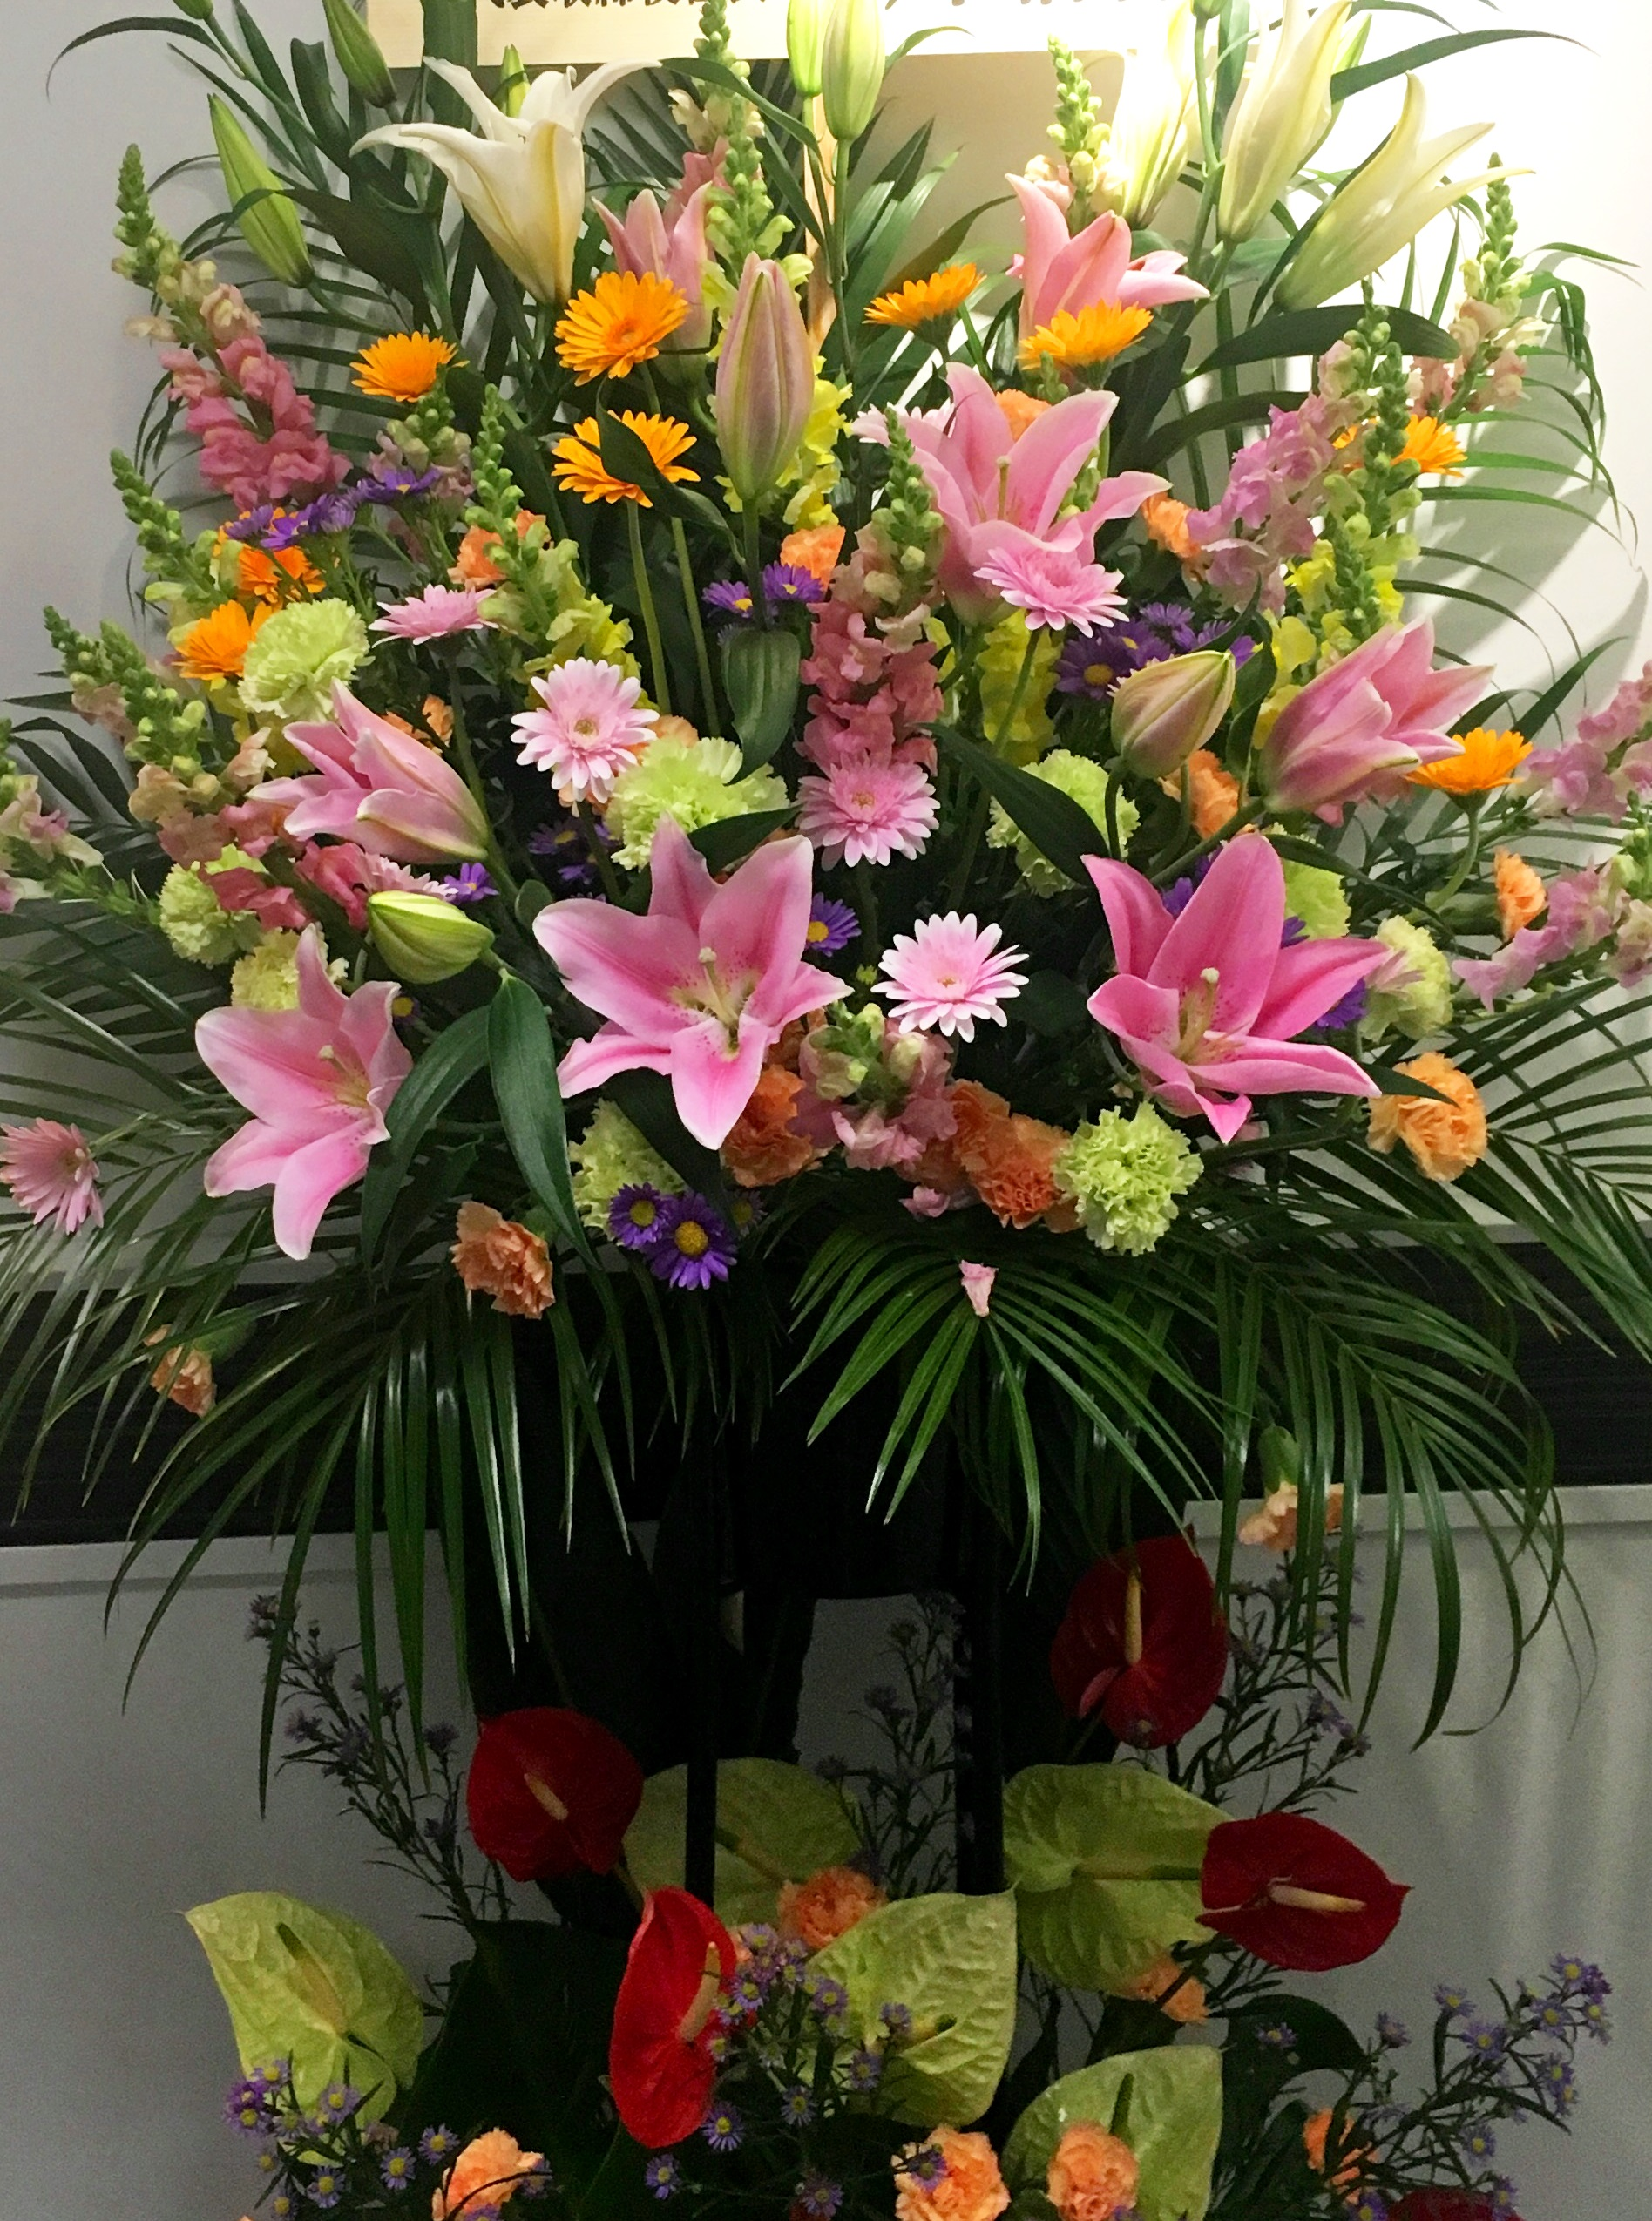 【ナオ花屋の納品事例213】横浜赤レンガ倉庫へスタンド花を即日当日配達しました!